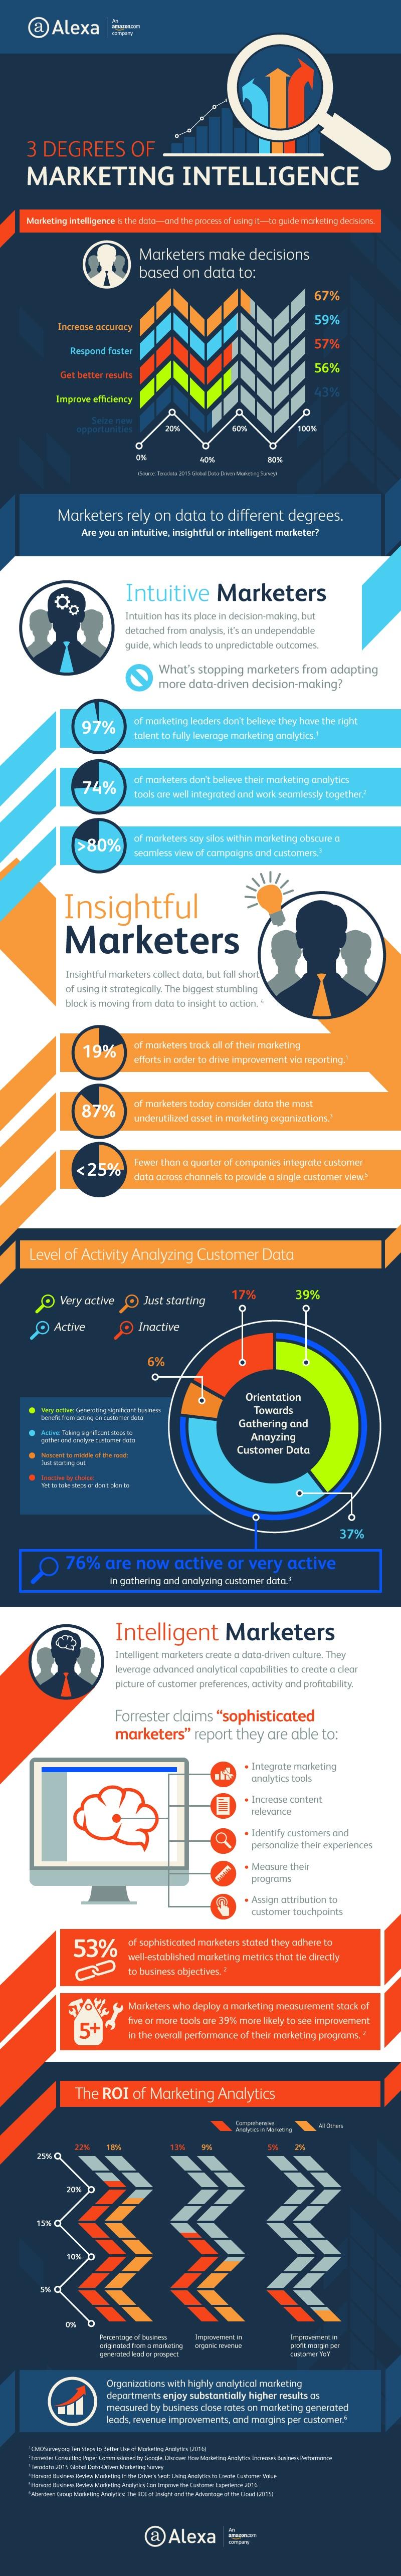 Intelligent Marketer Infographic